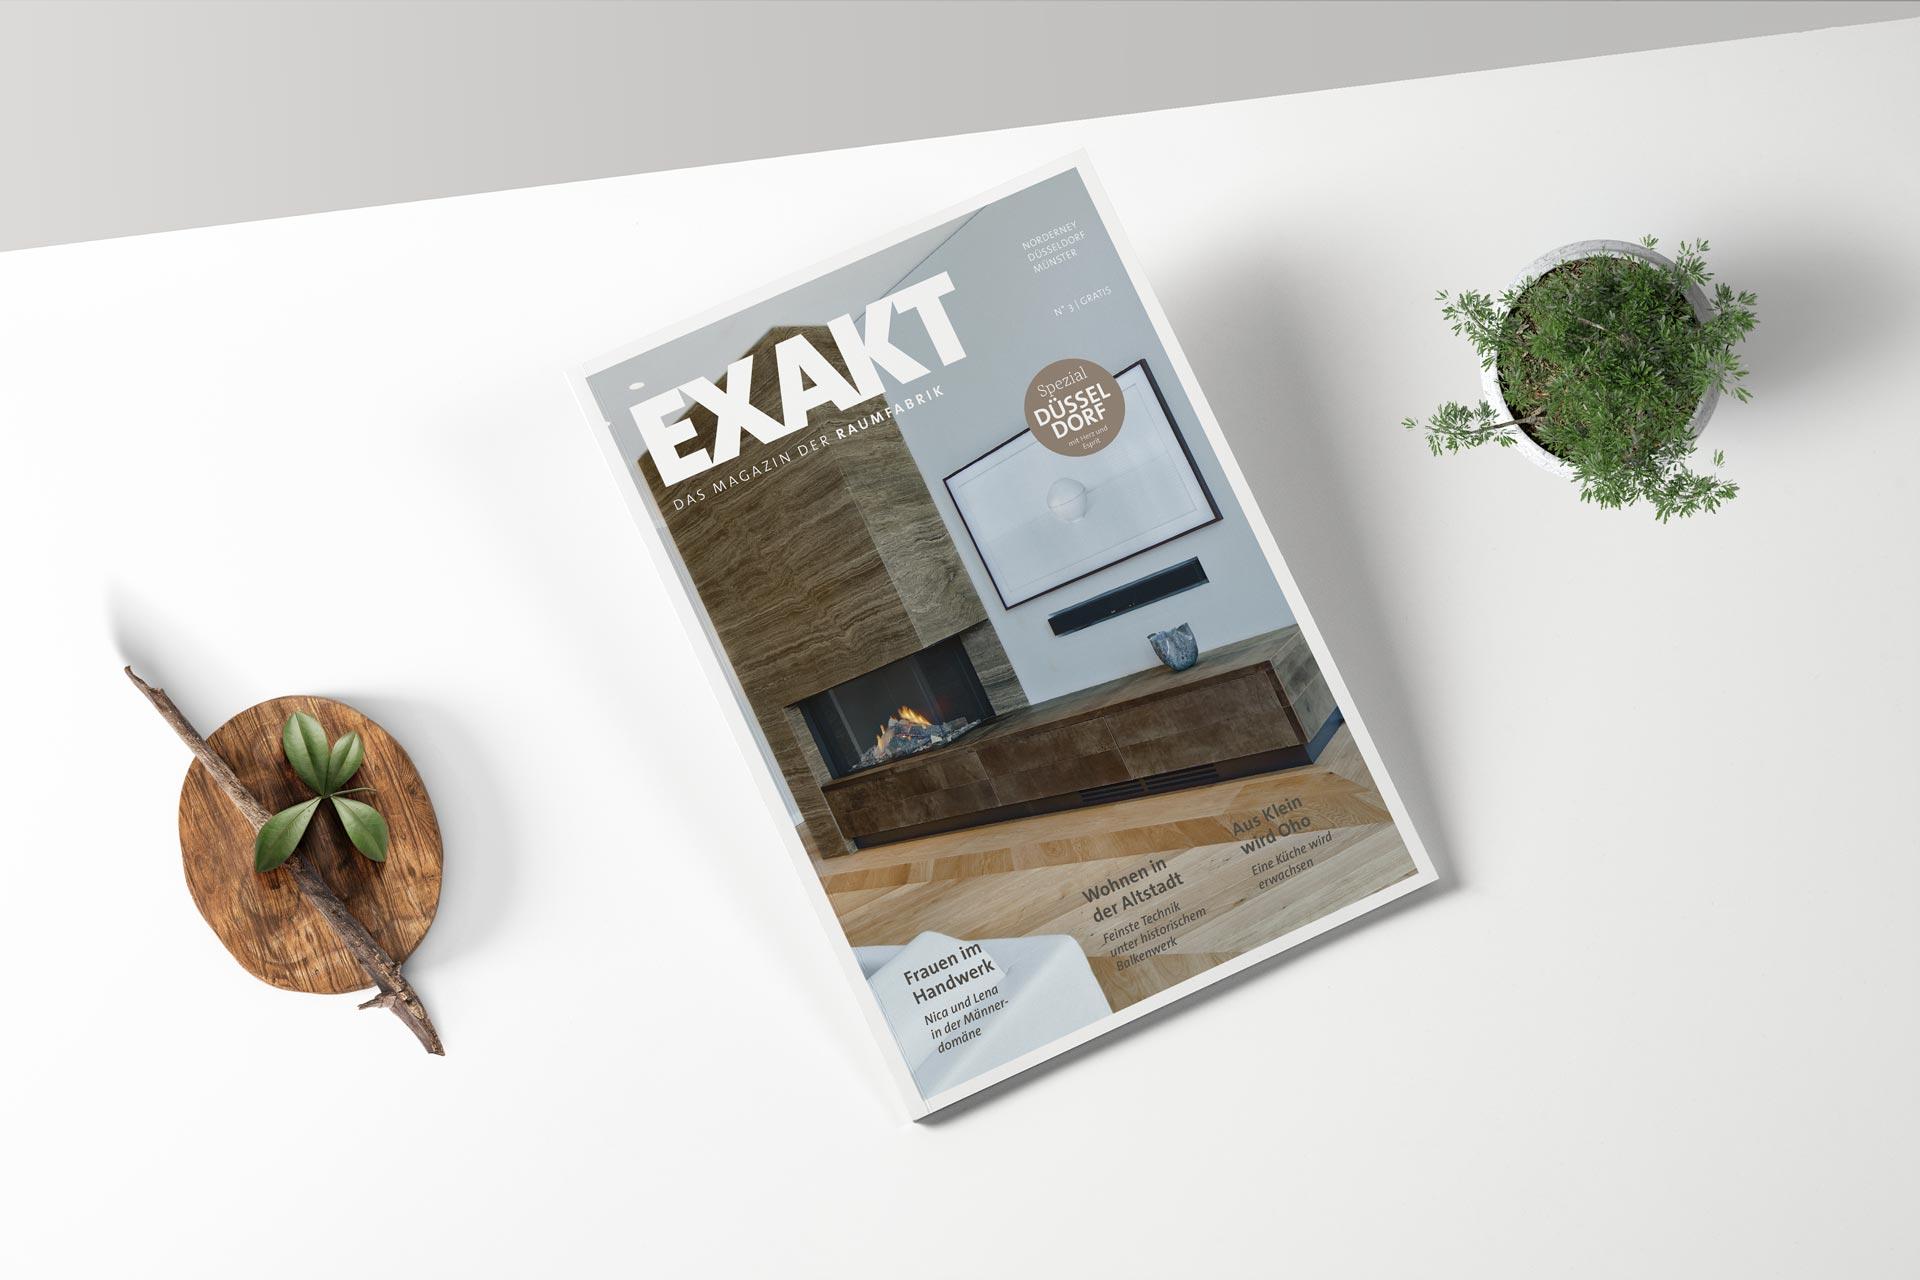 Exakt Magazin No.3